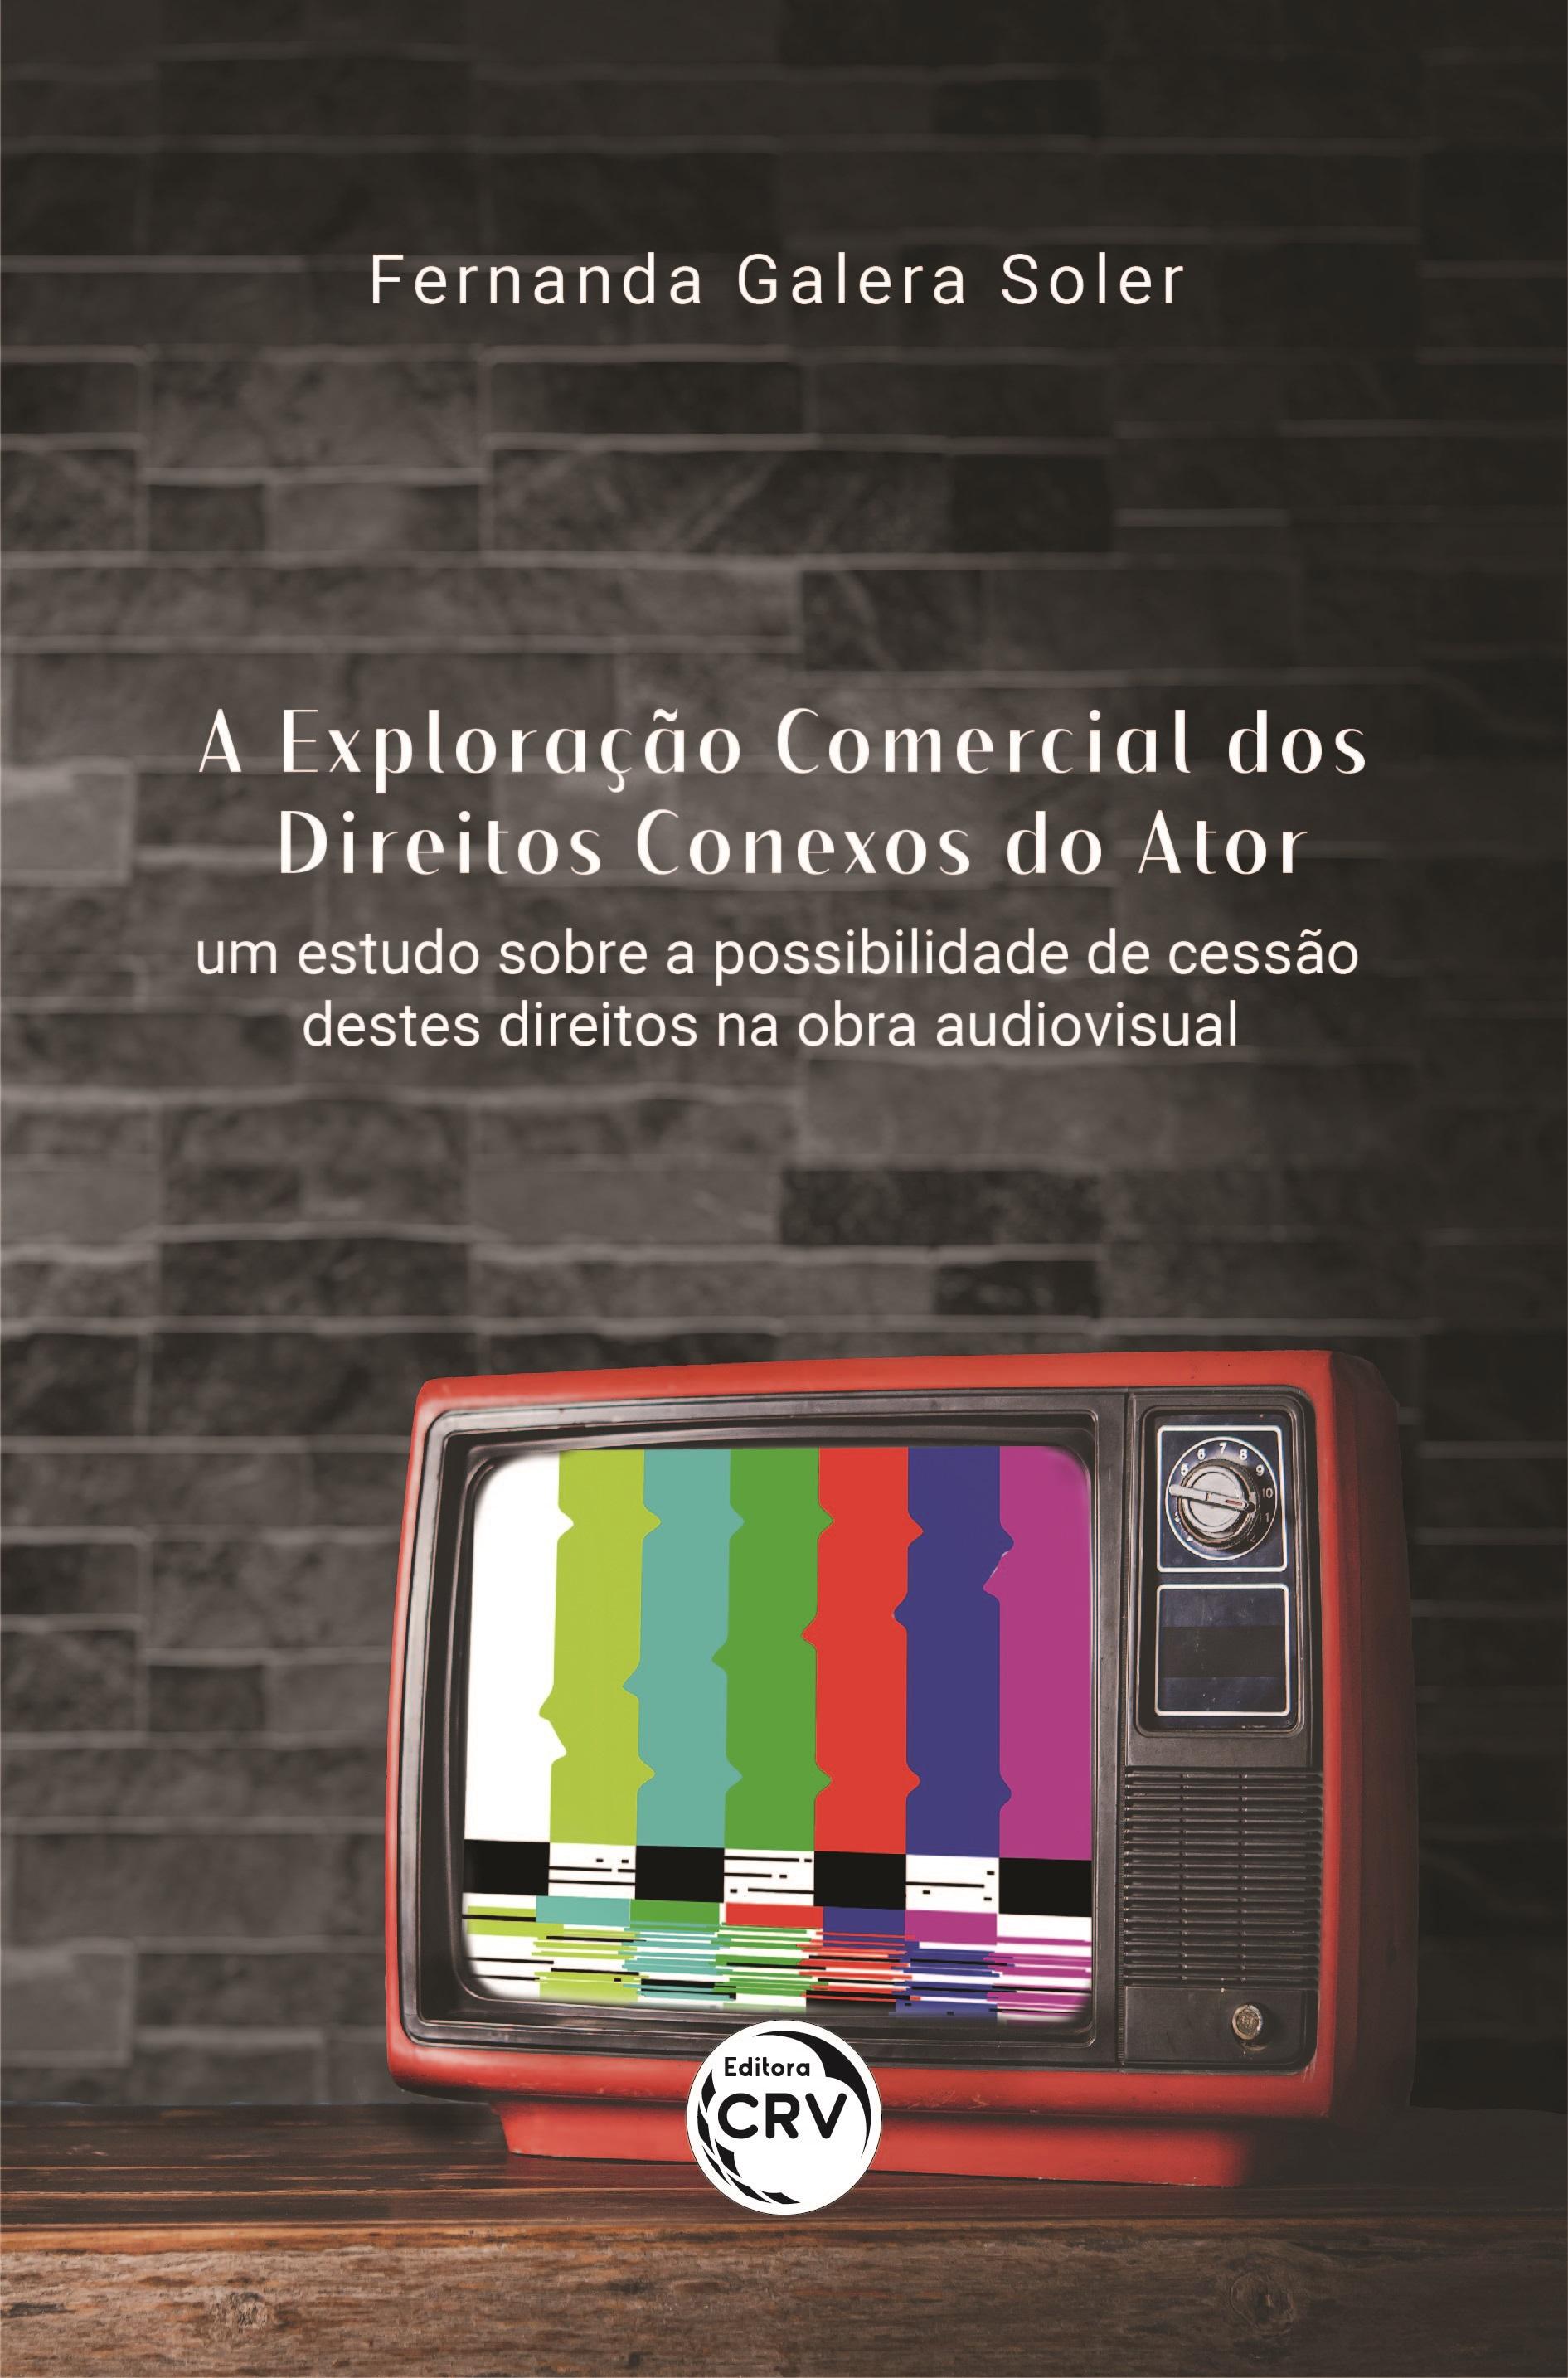 Capa do livro: A EXPLORAÇÃO COMERCIAL DOS DIREITOS CONEXOS DO ATOR:<br> um estudo sobre a possibilidade de cessão destes direitos na obra audiovisual